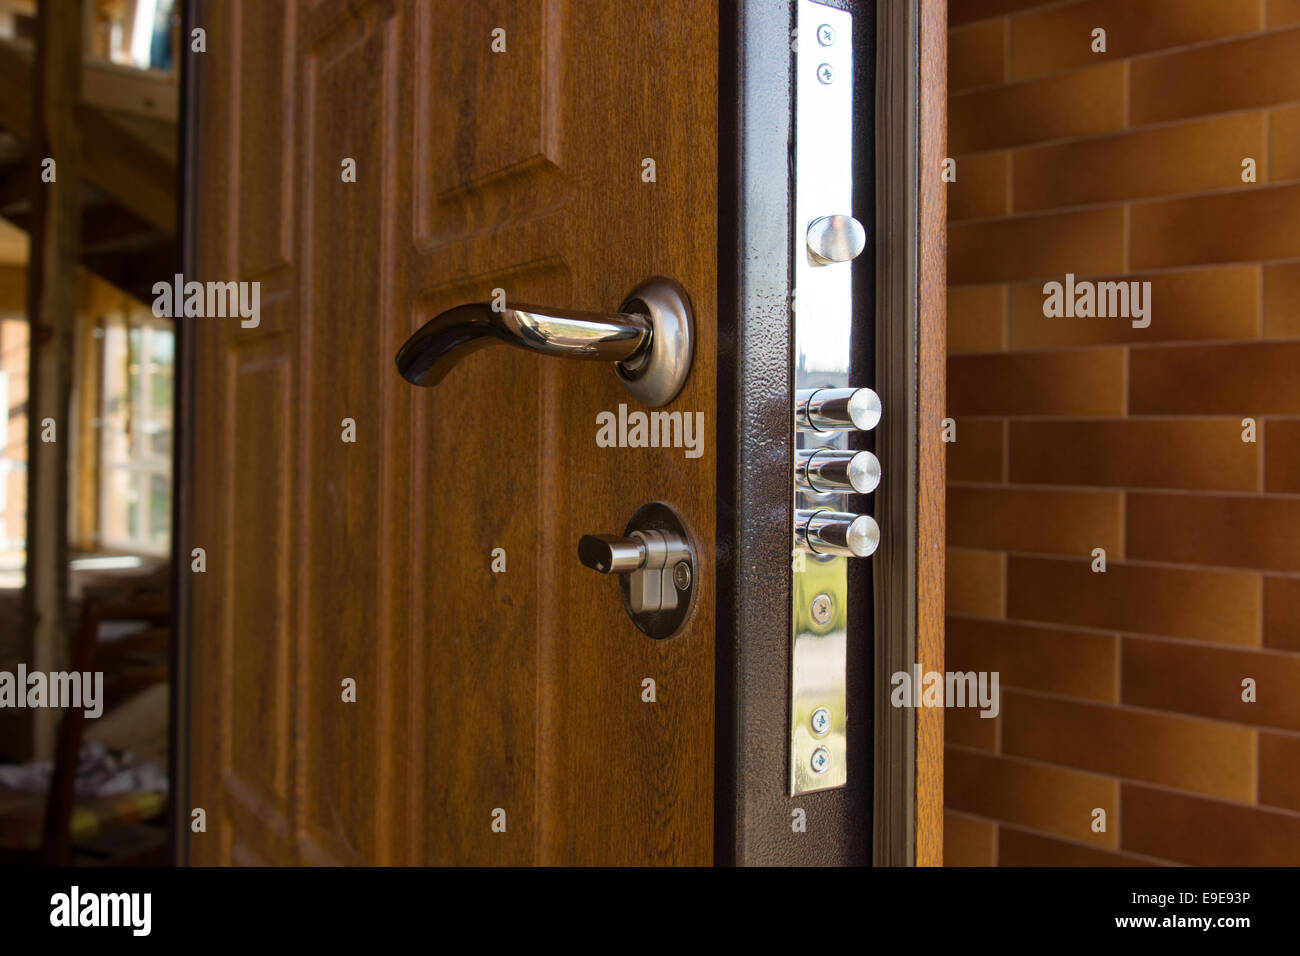 New steel three bolt door lock installed on the wooden front door of ...